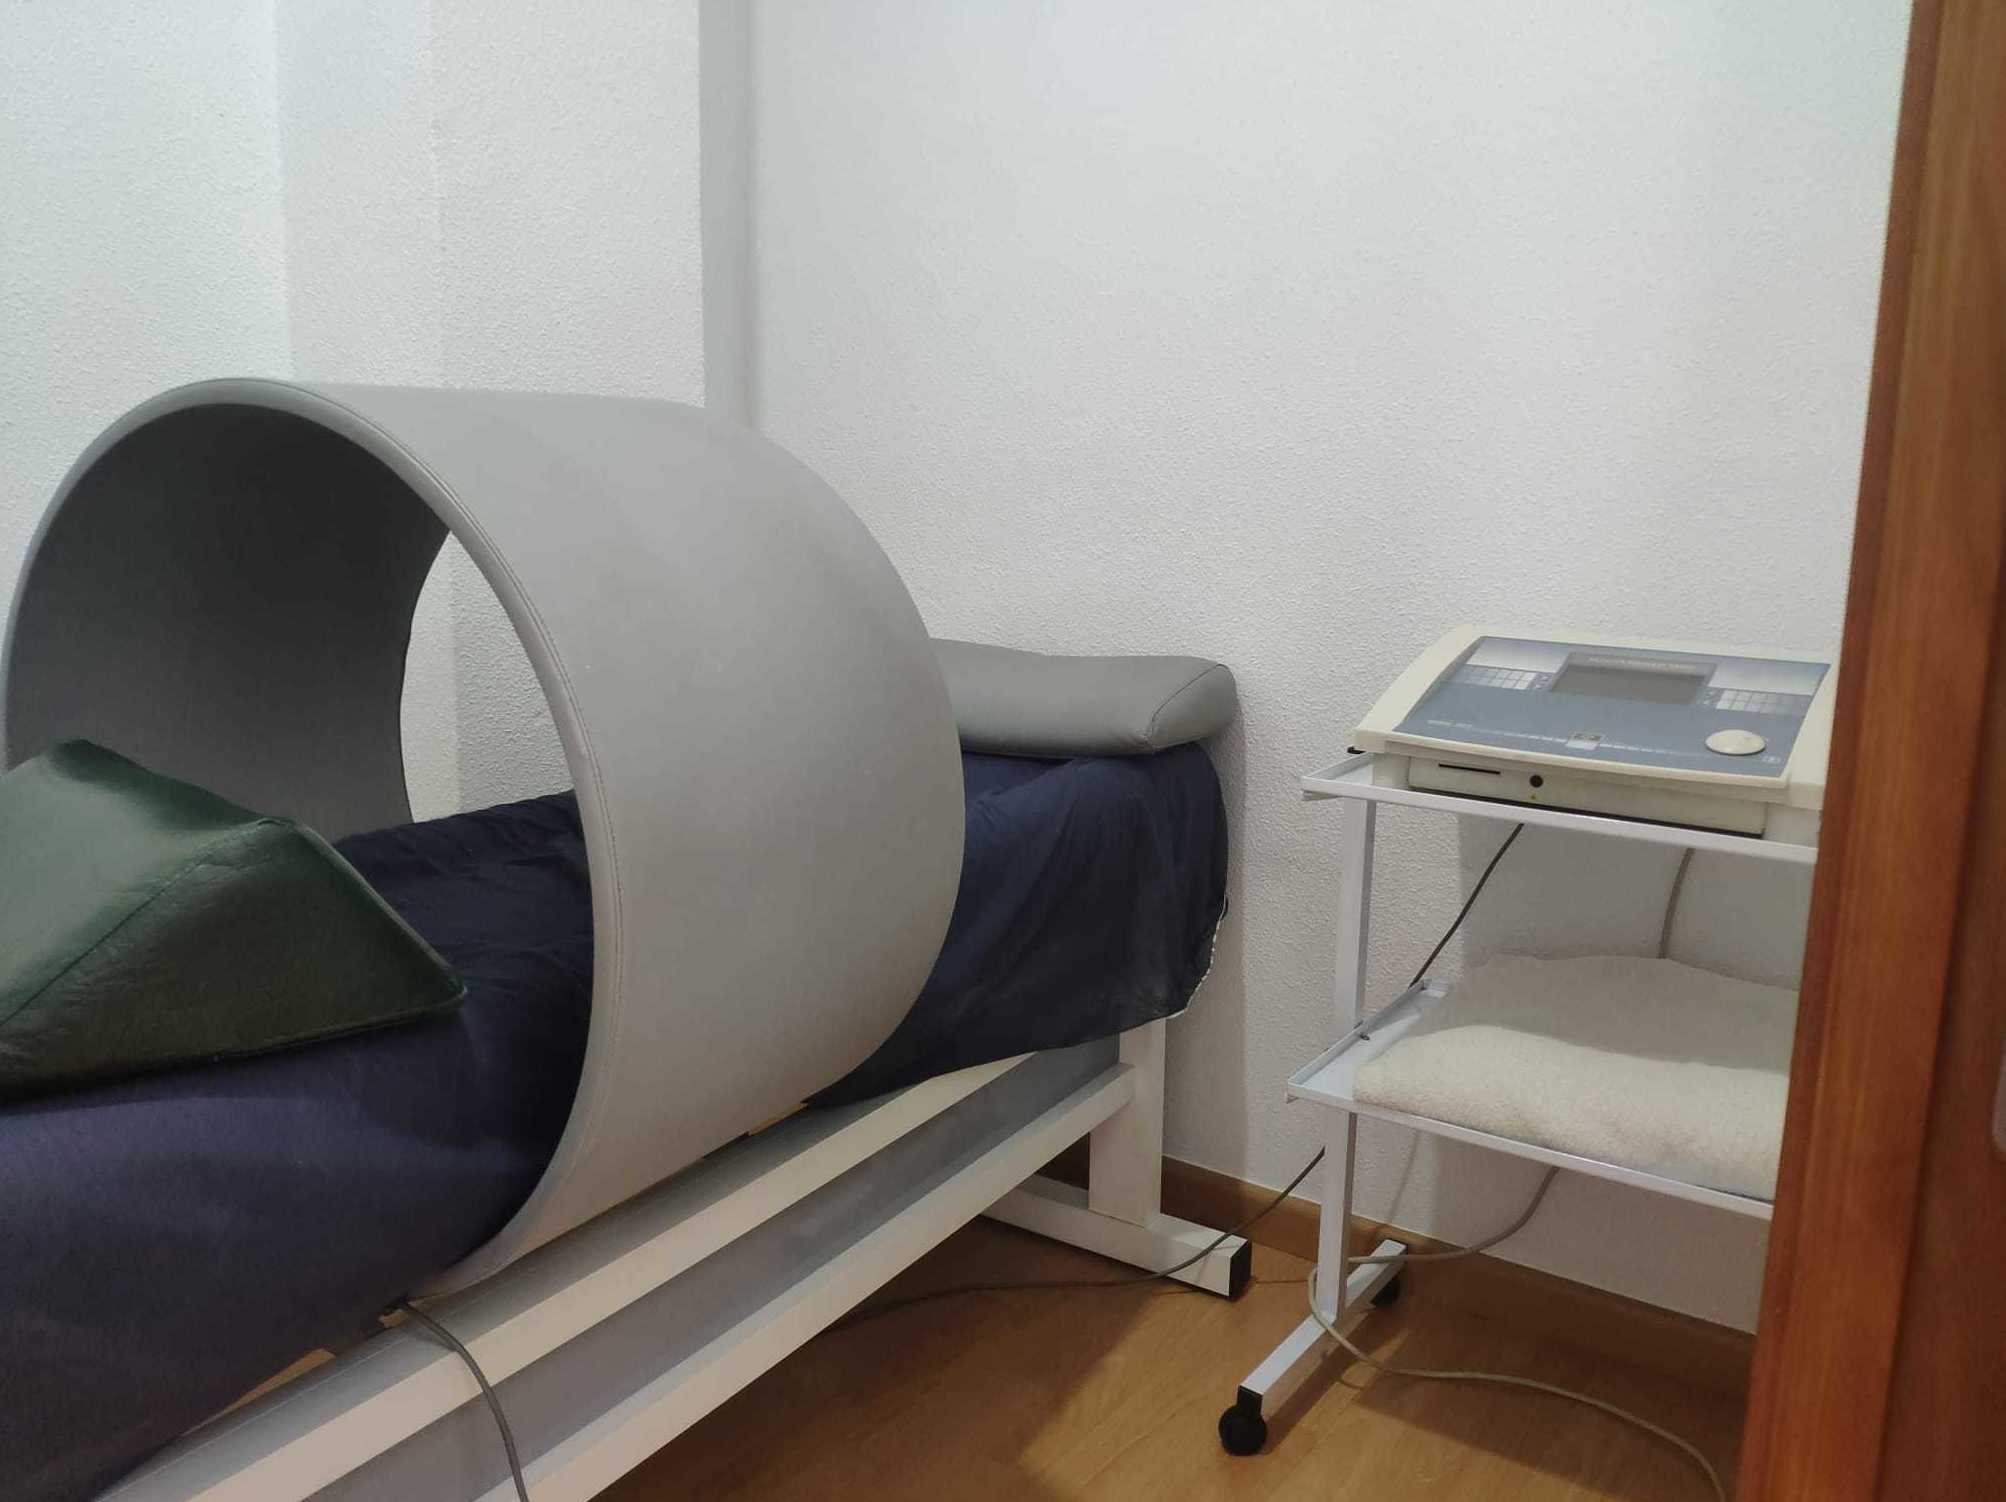 Magnetoterapia: Catálogo/Servicios de Cefirem